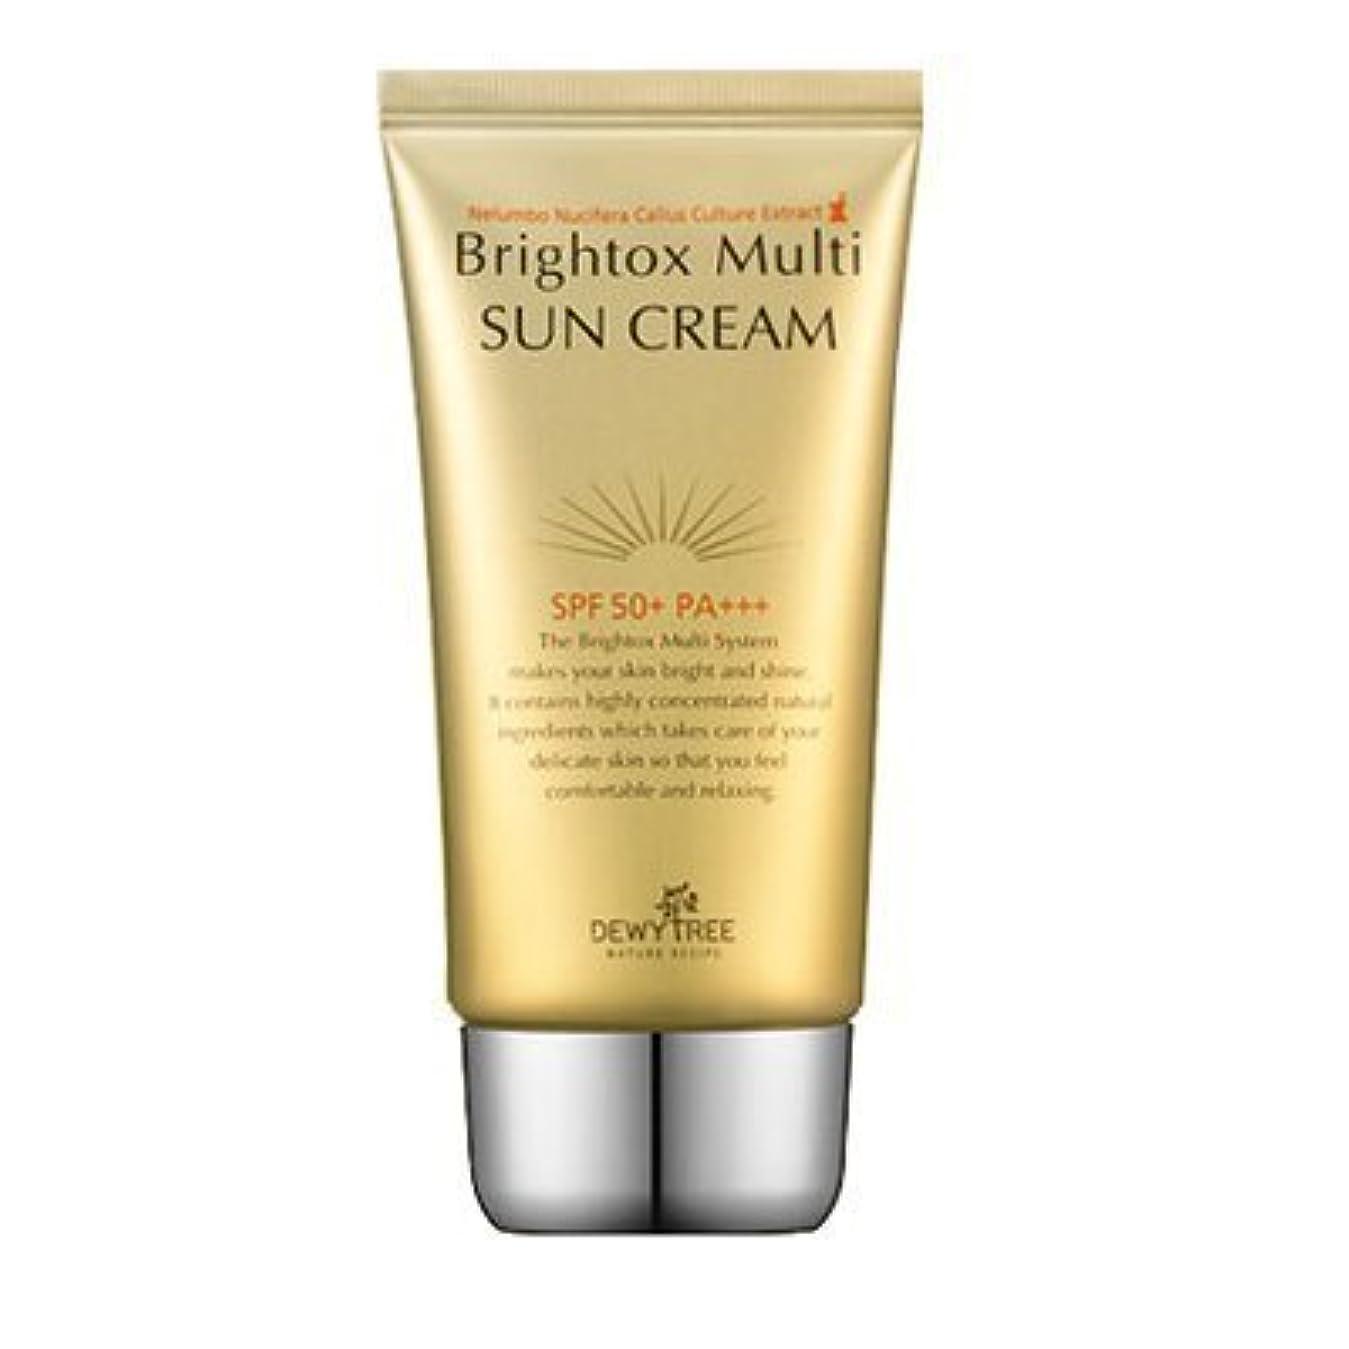 正当な致命的香りDewytree Brightox Multi SUN CREAM SPF50+, PA+++50ml